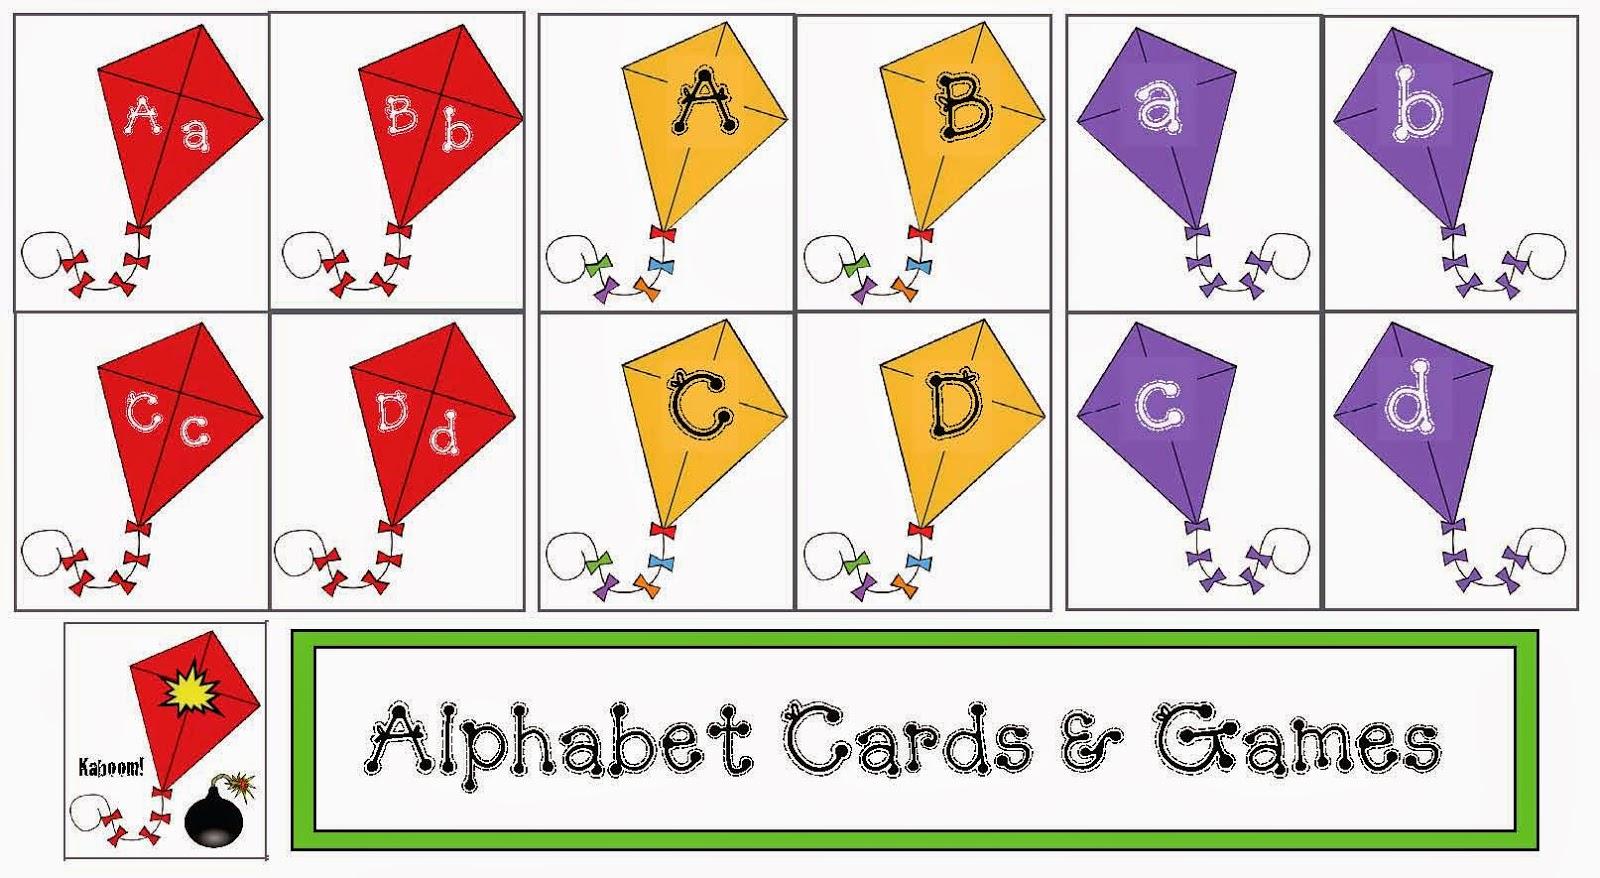 http://2.bp.blogspot.com/-hVaDybh-v-M/VRF3Lvh1J8I/AAAAAAAAN2A/ObG0fo6h41g/s1600/kite%2Babc%2Bcards%2Bcov.jpg